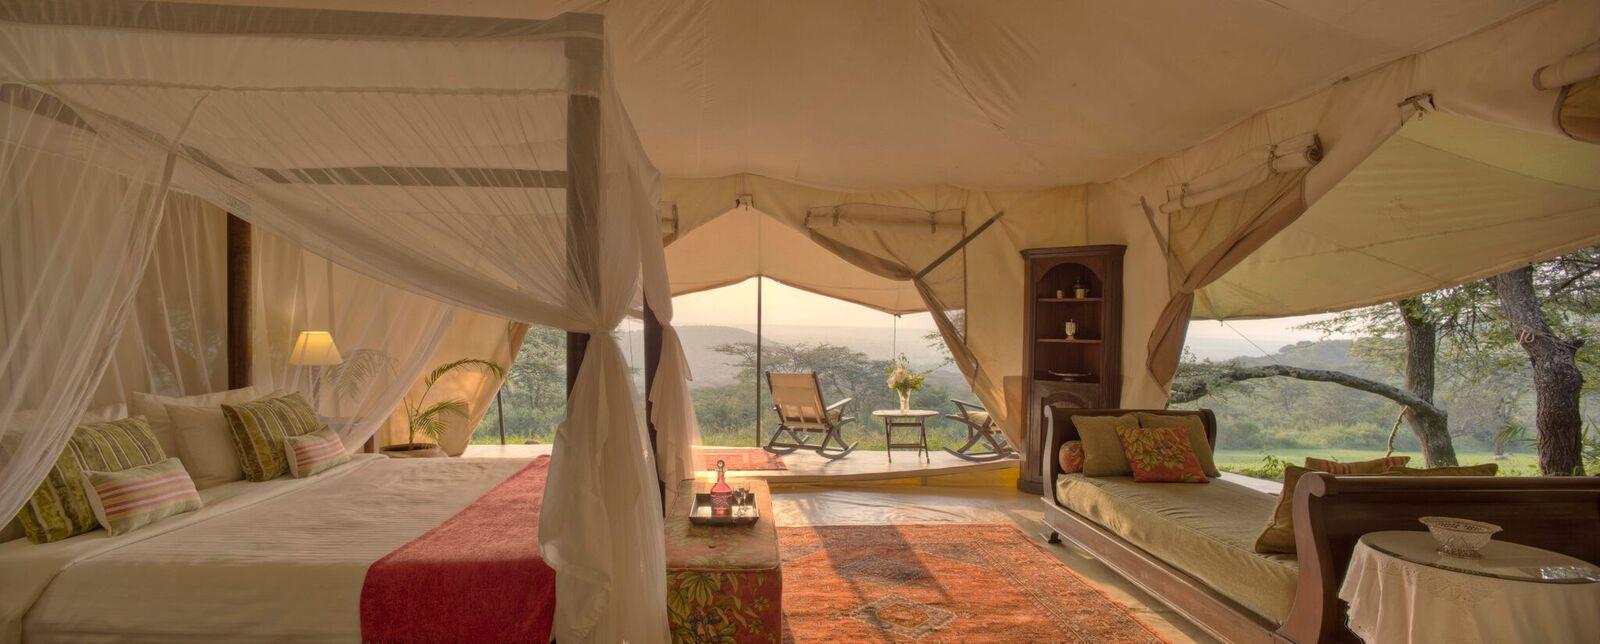 Cottar's - Standard Tent_preview.jpeg